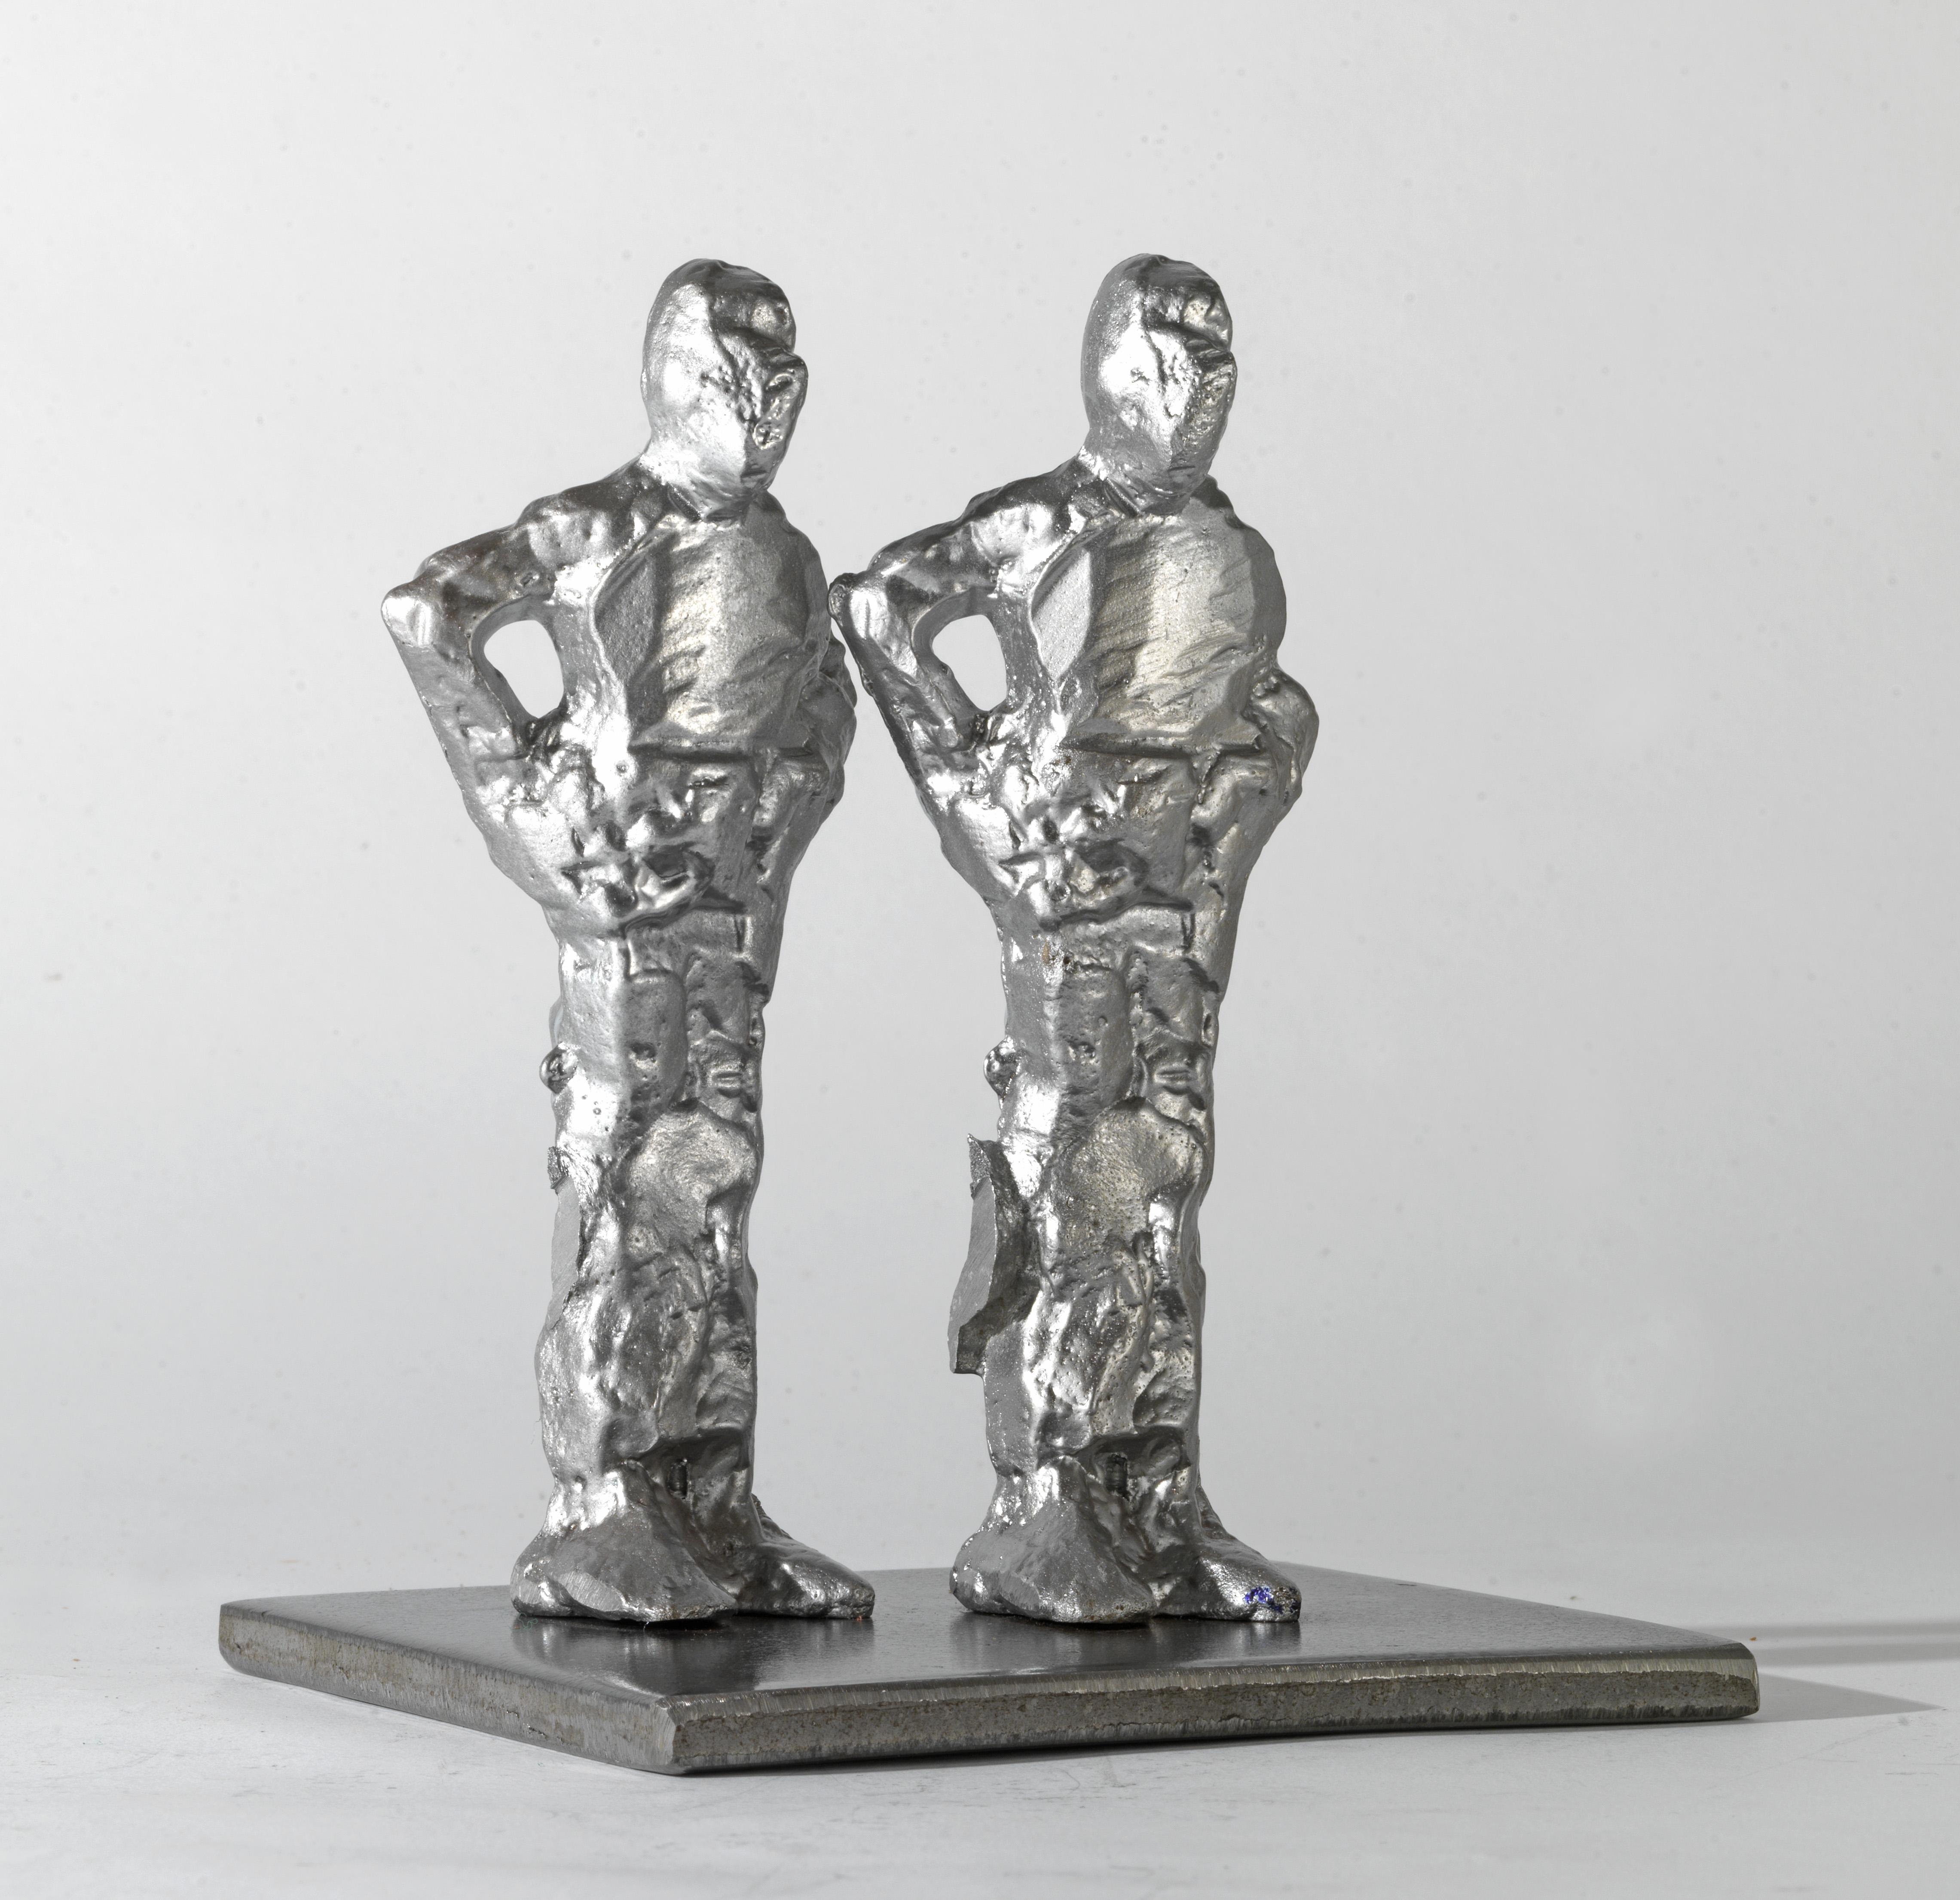 Δύο Όρθιες Ανδρικές Φιγούρες, Αλουμίνιο, 18x11x7, 2014